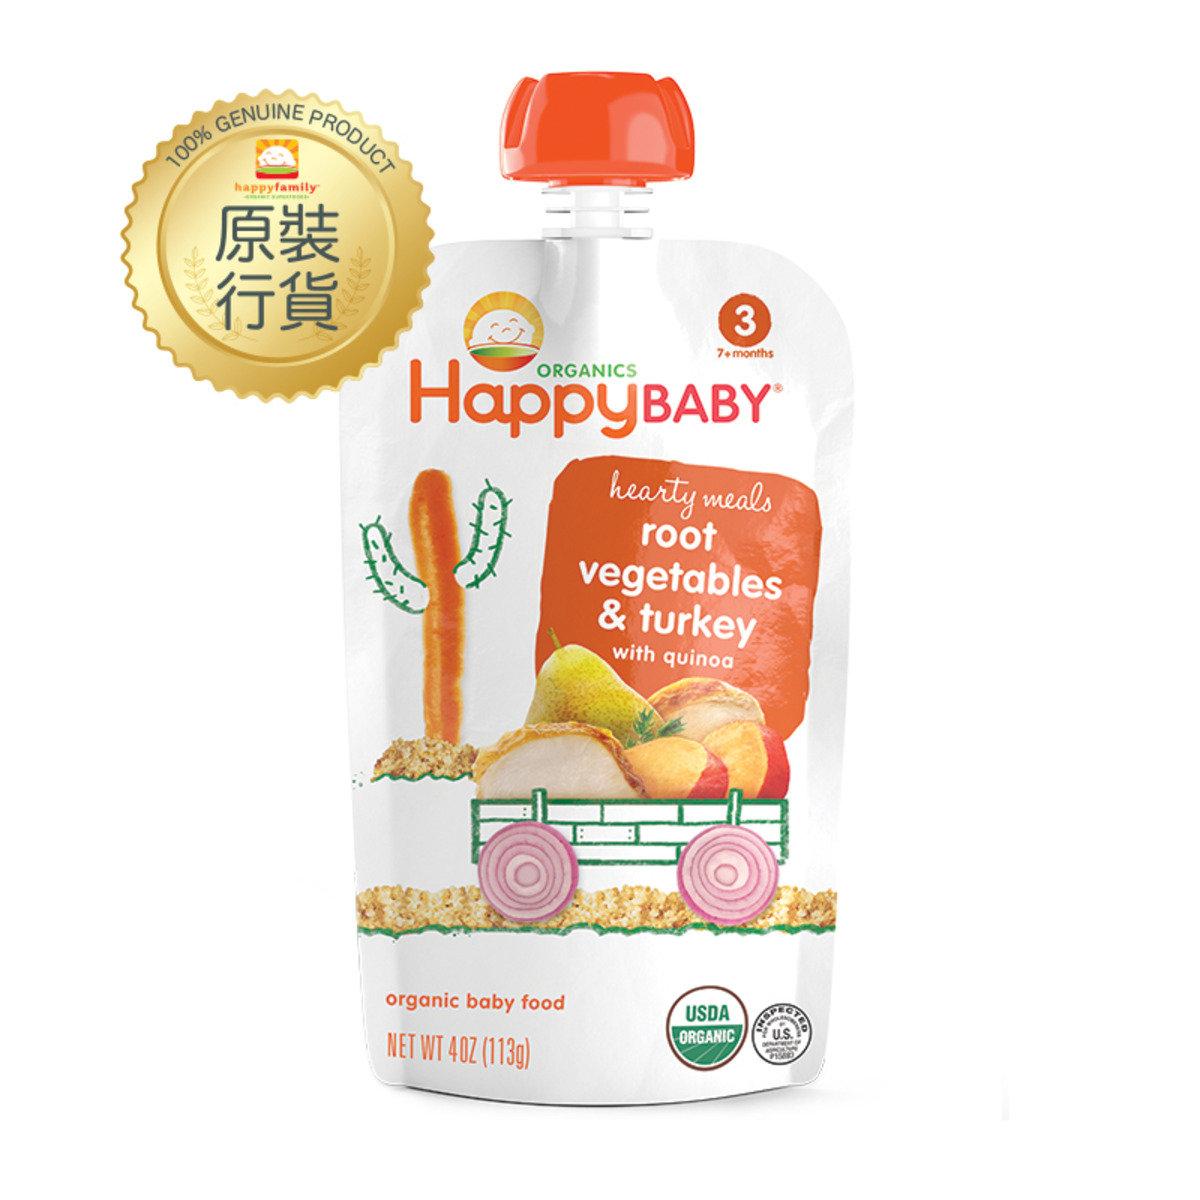 有機火雞蔬菜拌藜麥嬰兒食品 113g (第三階段)